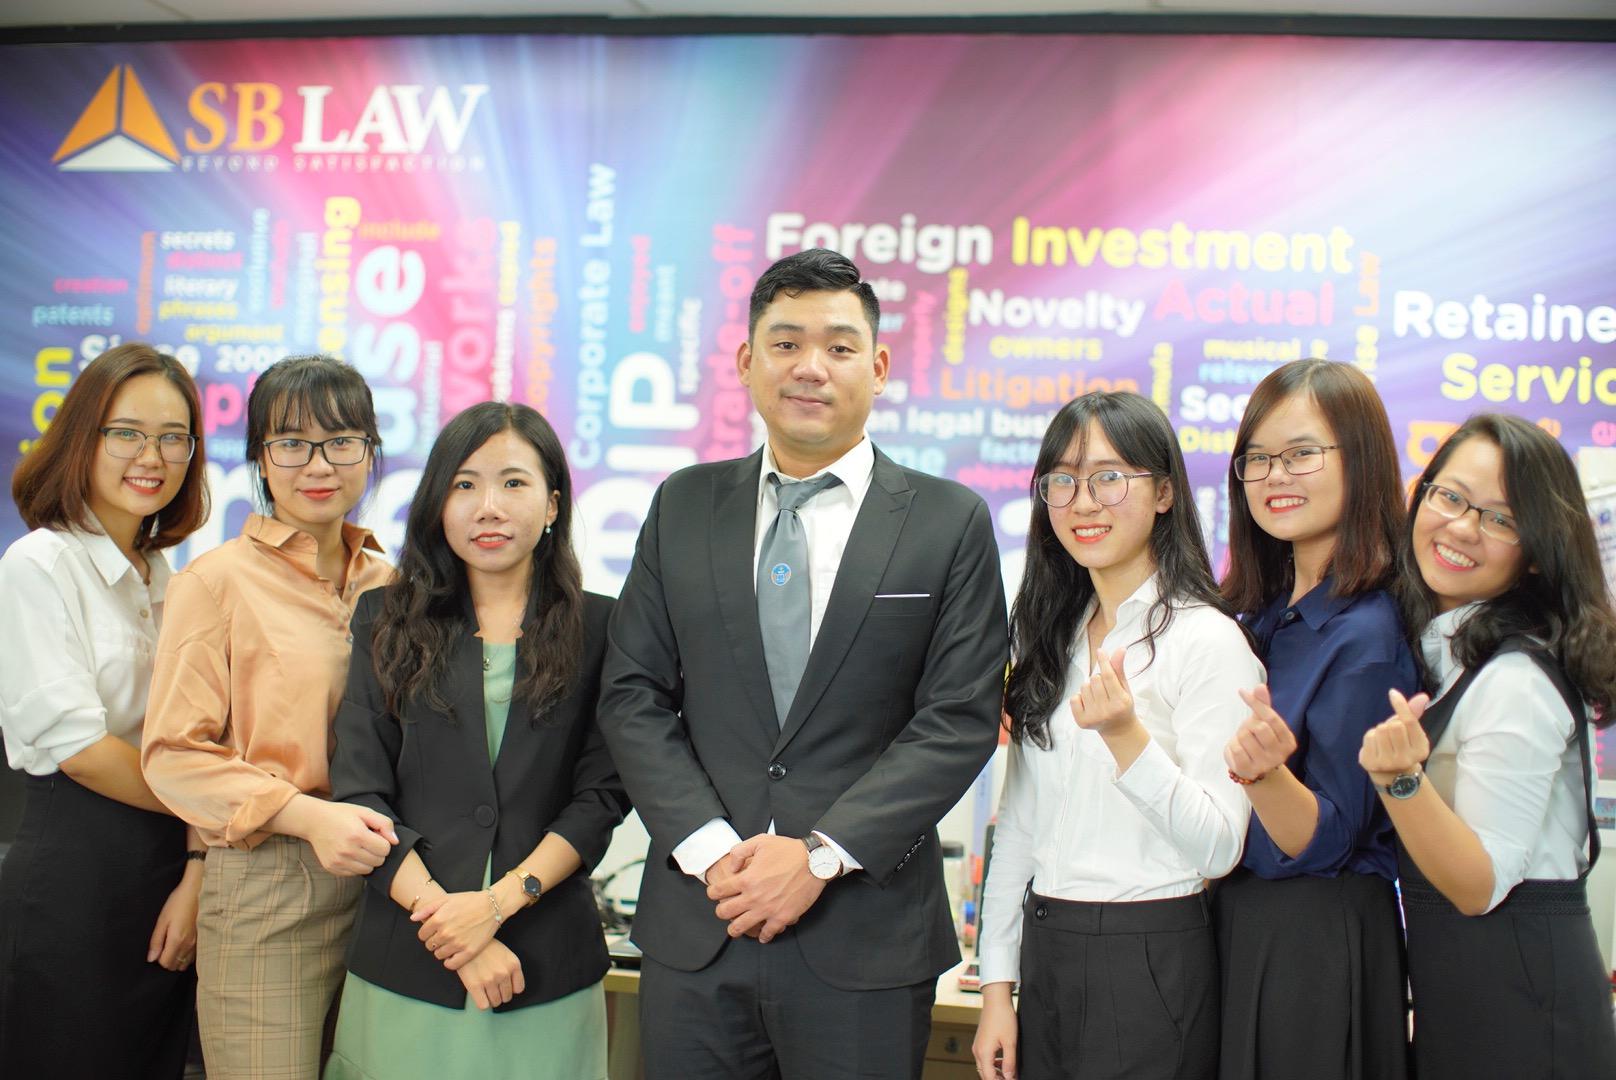 Tiến sỹ luật được miễn đào tạo nghề Luật sư